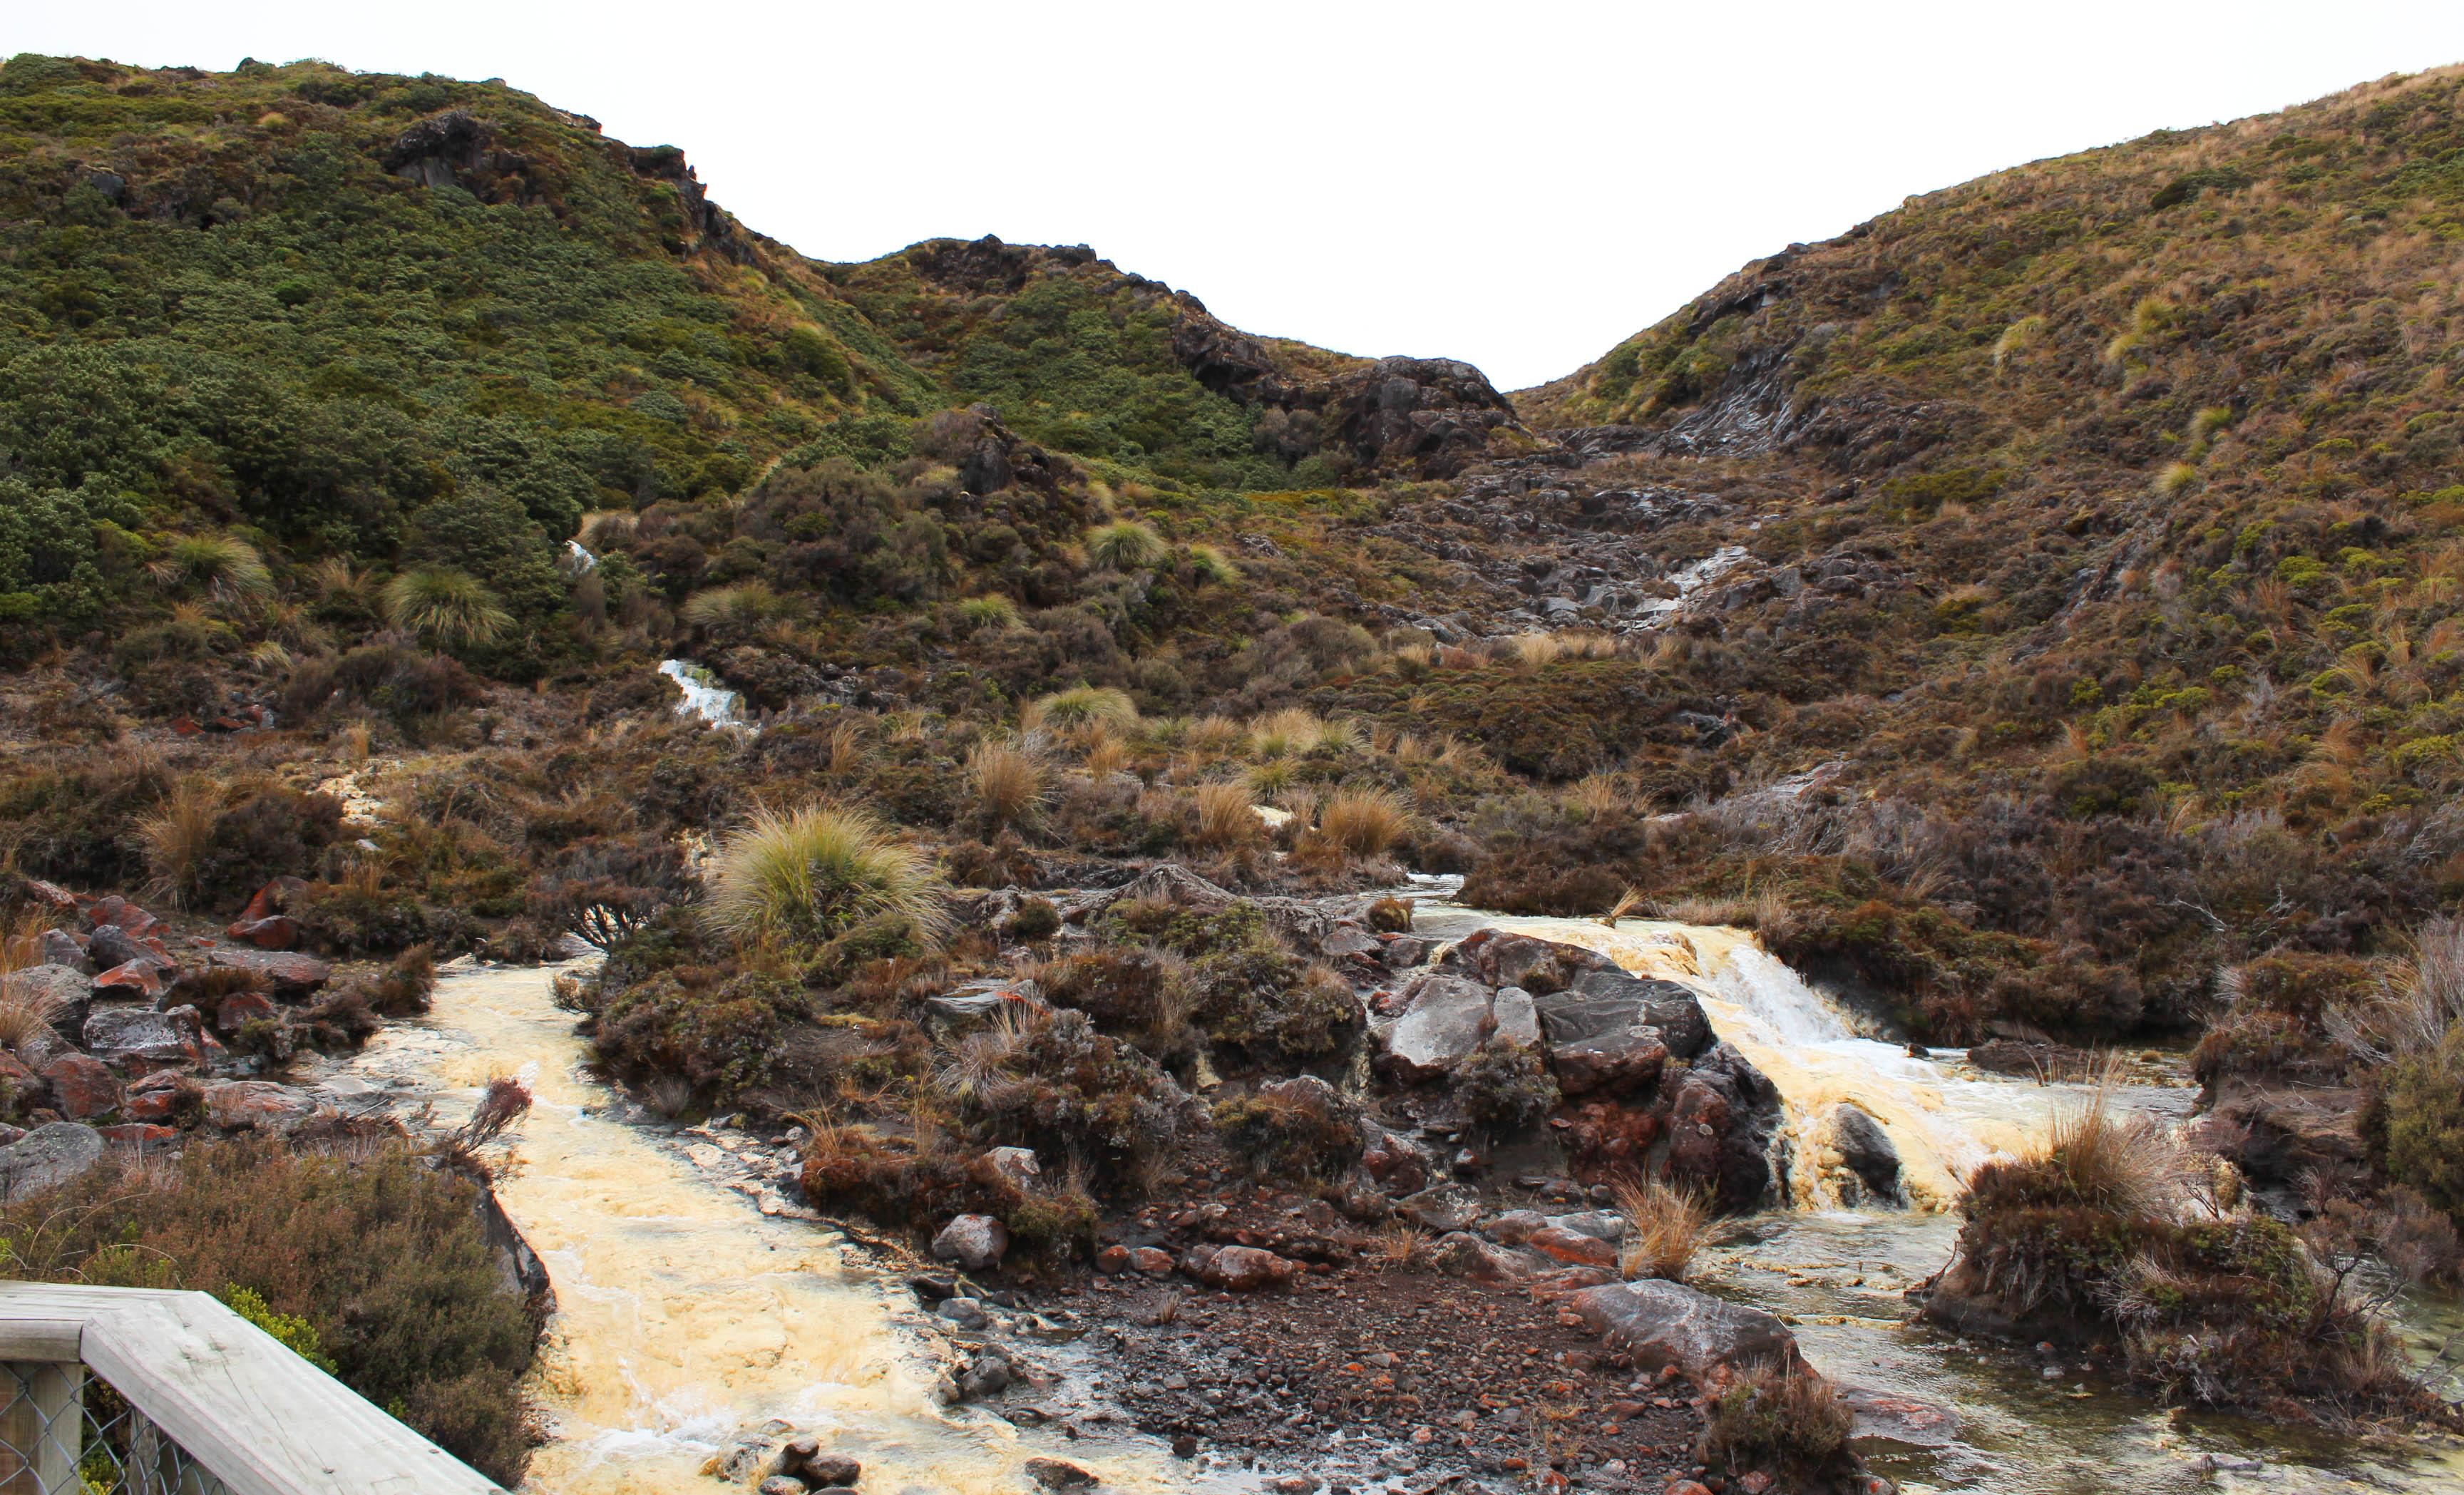 Nouvelle Zélande - Tongariri national parc - Les lubies de louise (14 sur 25)